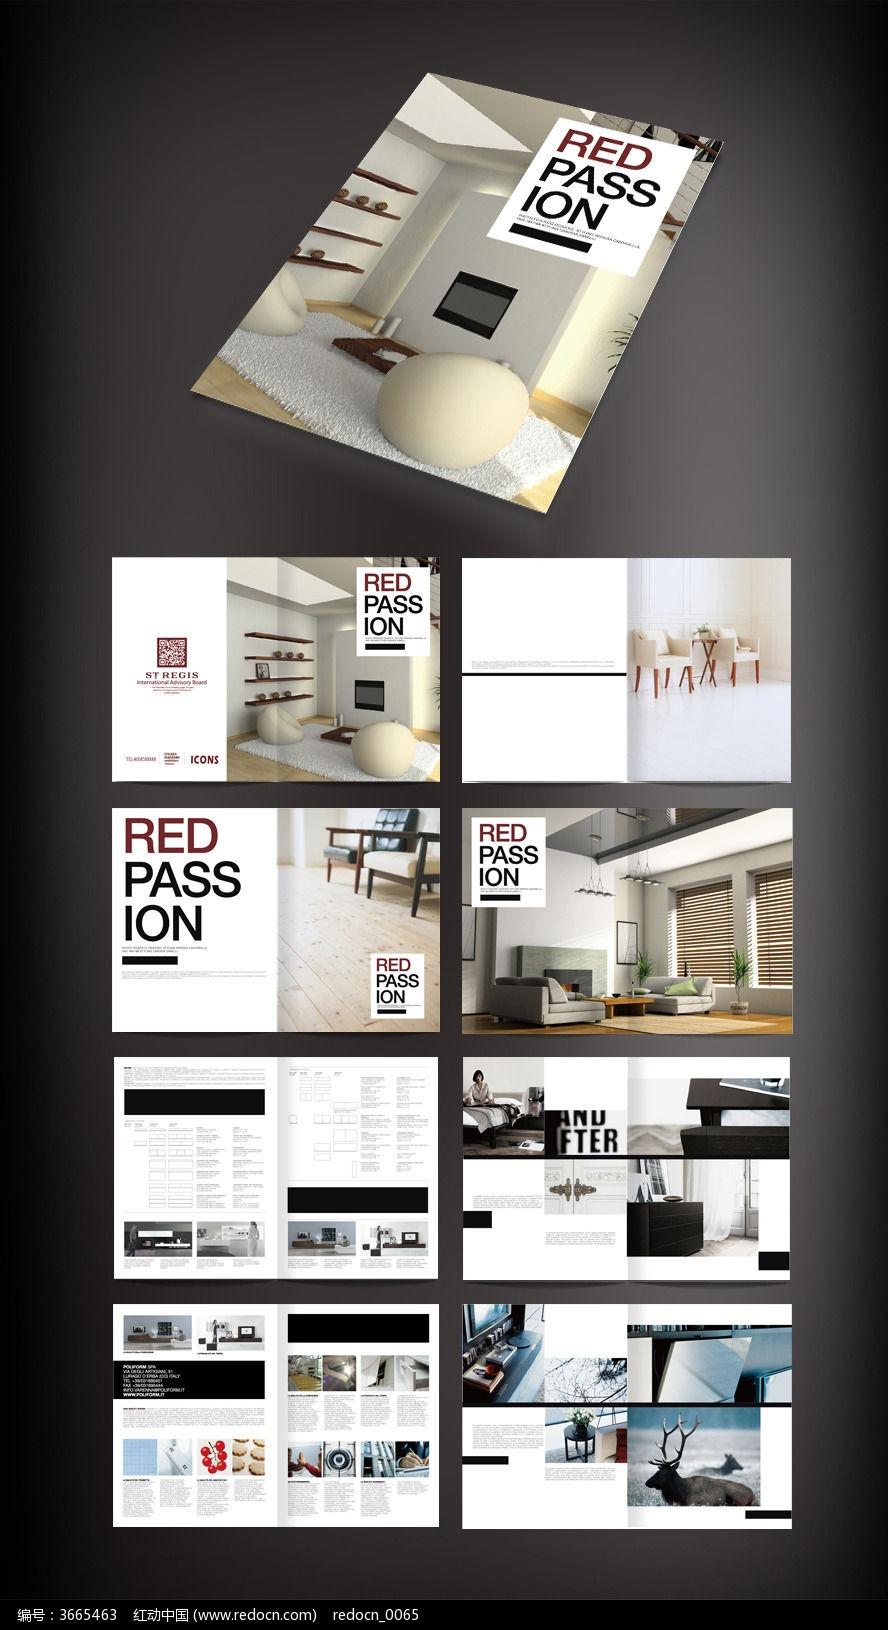 家居画册 产品画册 版式设计 排版设计 家具定制画册 家具宣传册 排版